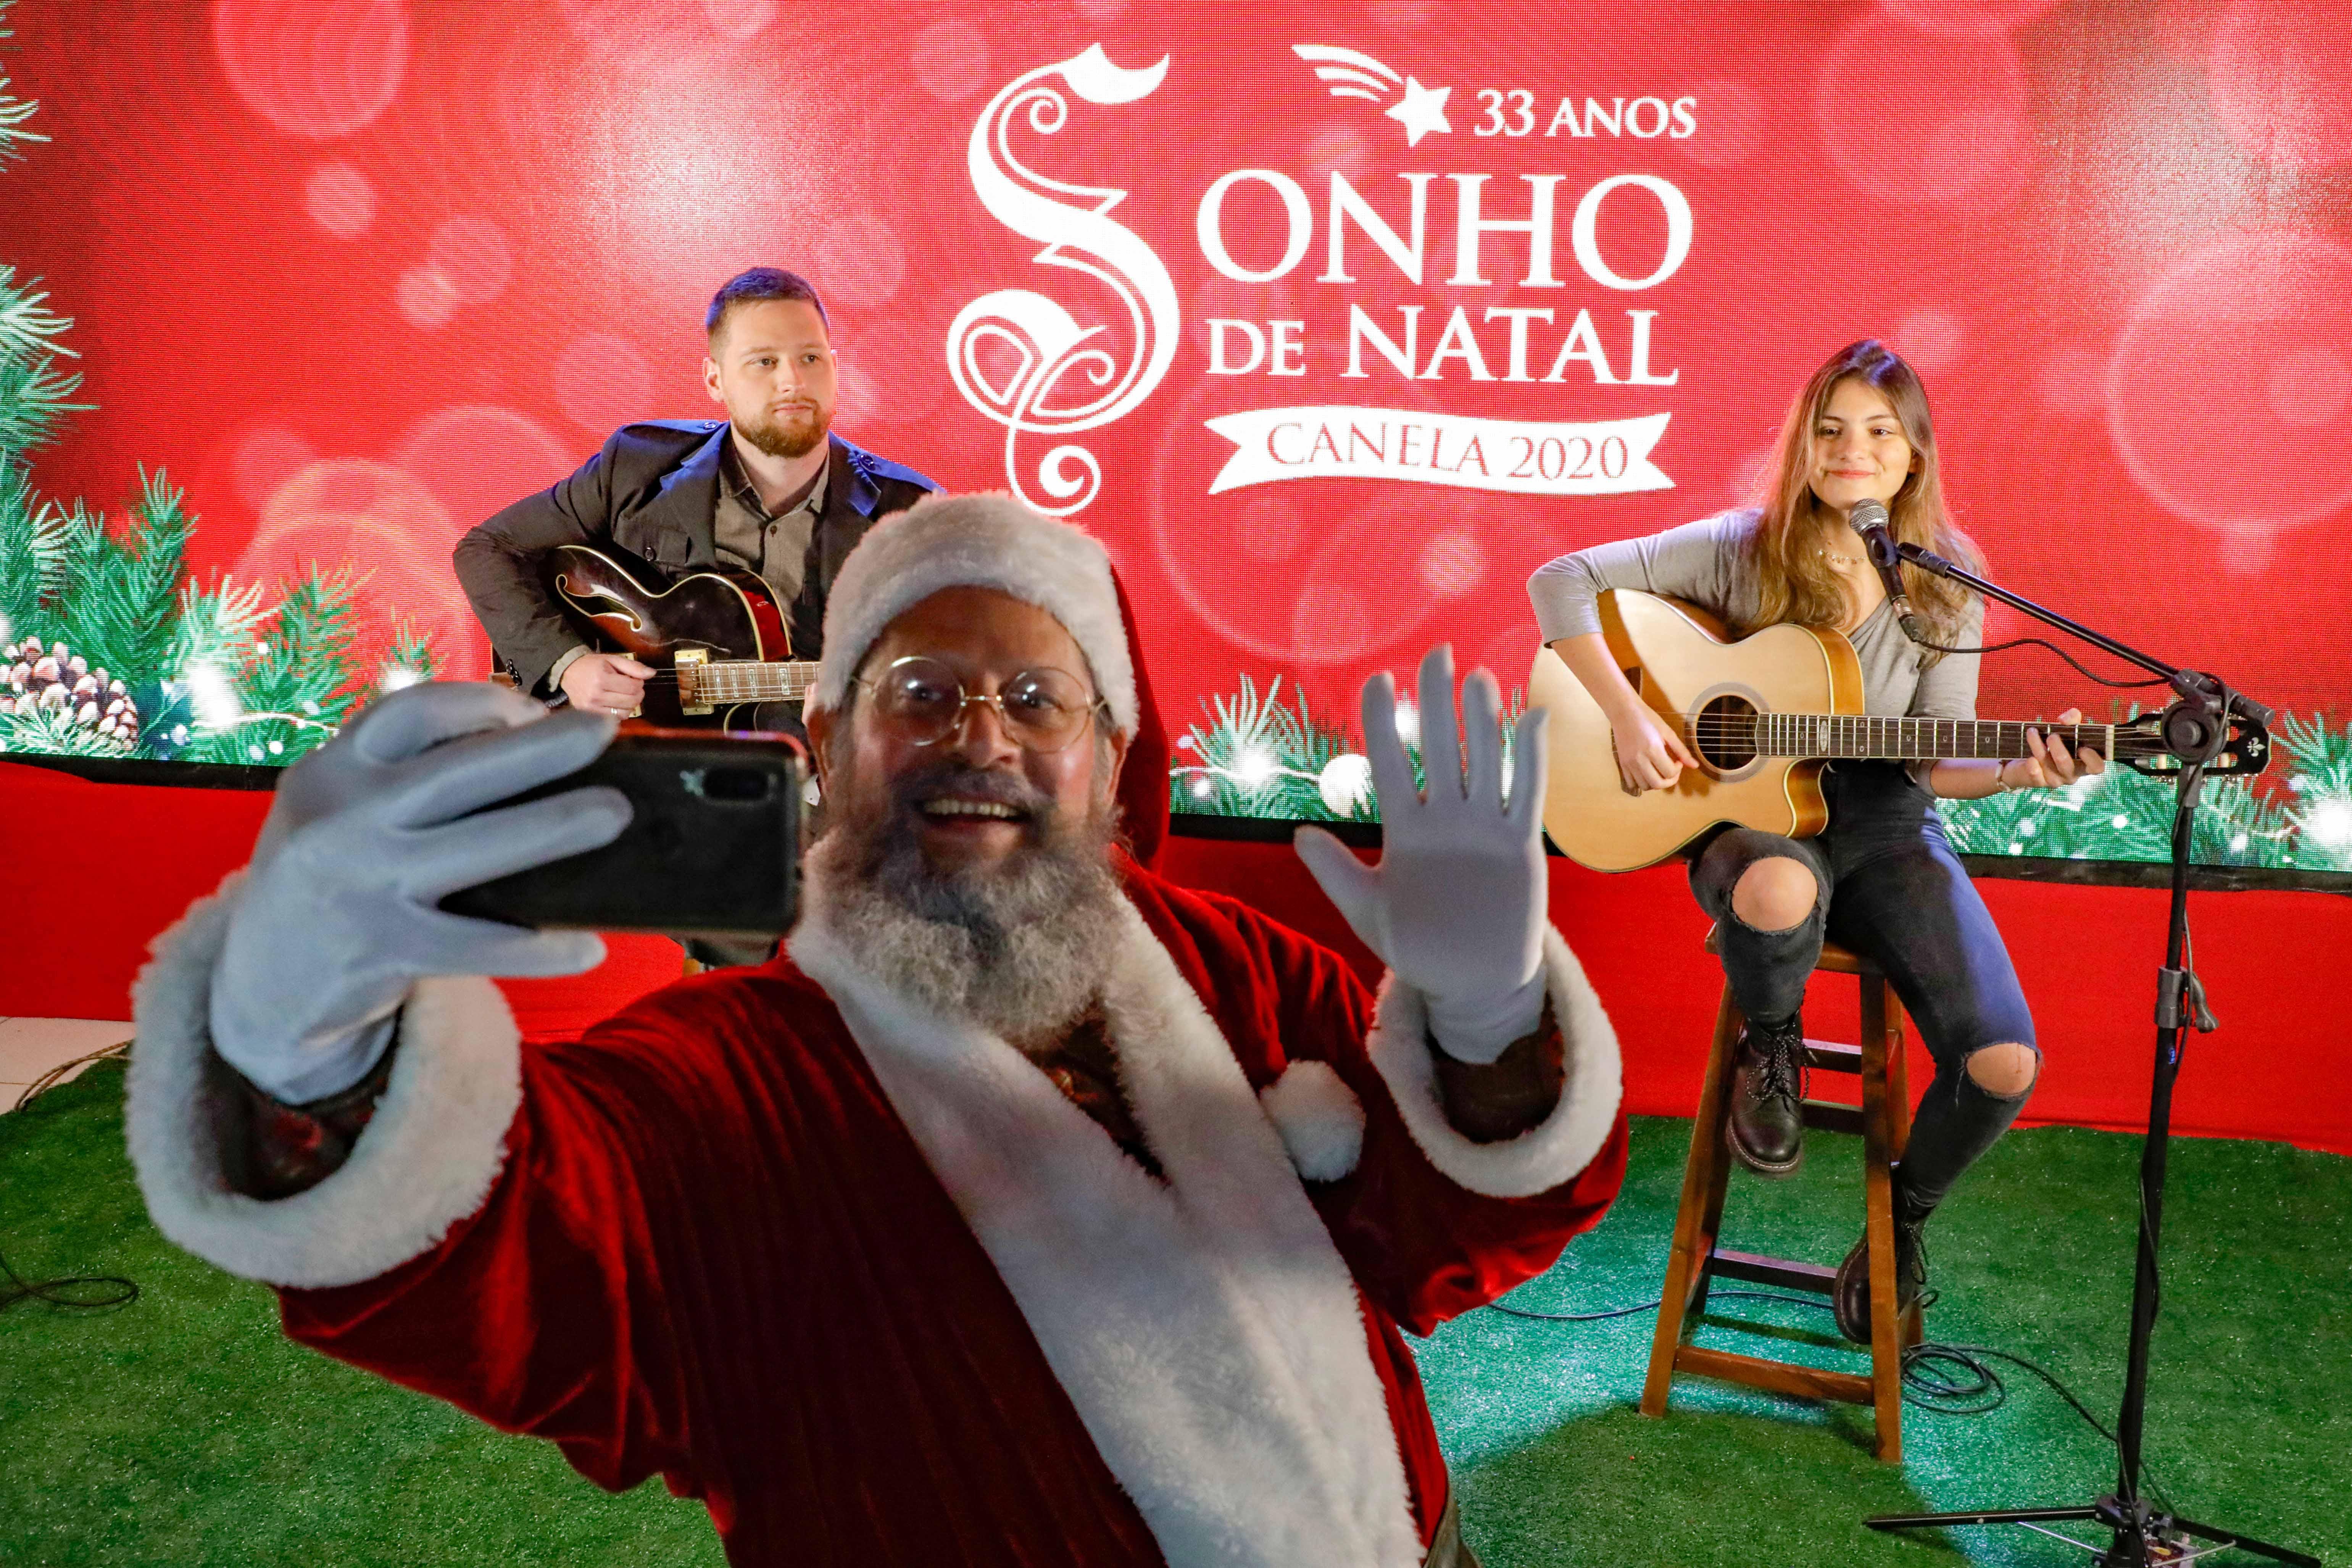 33° SONHO DE NATAL É REINVENTADO